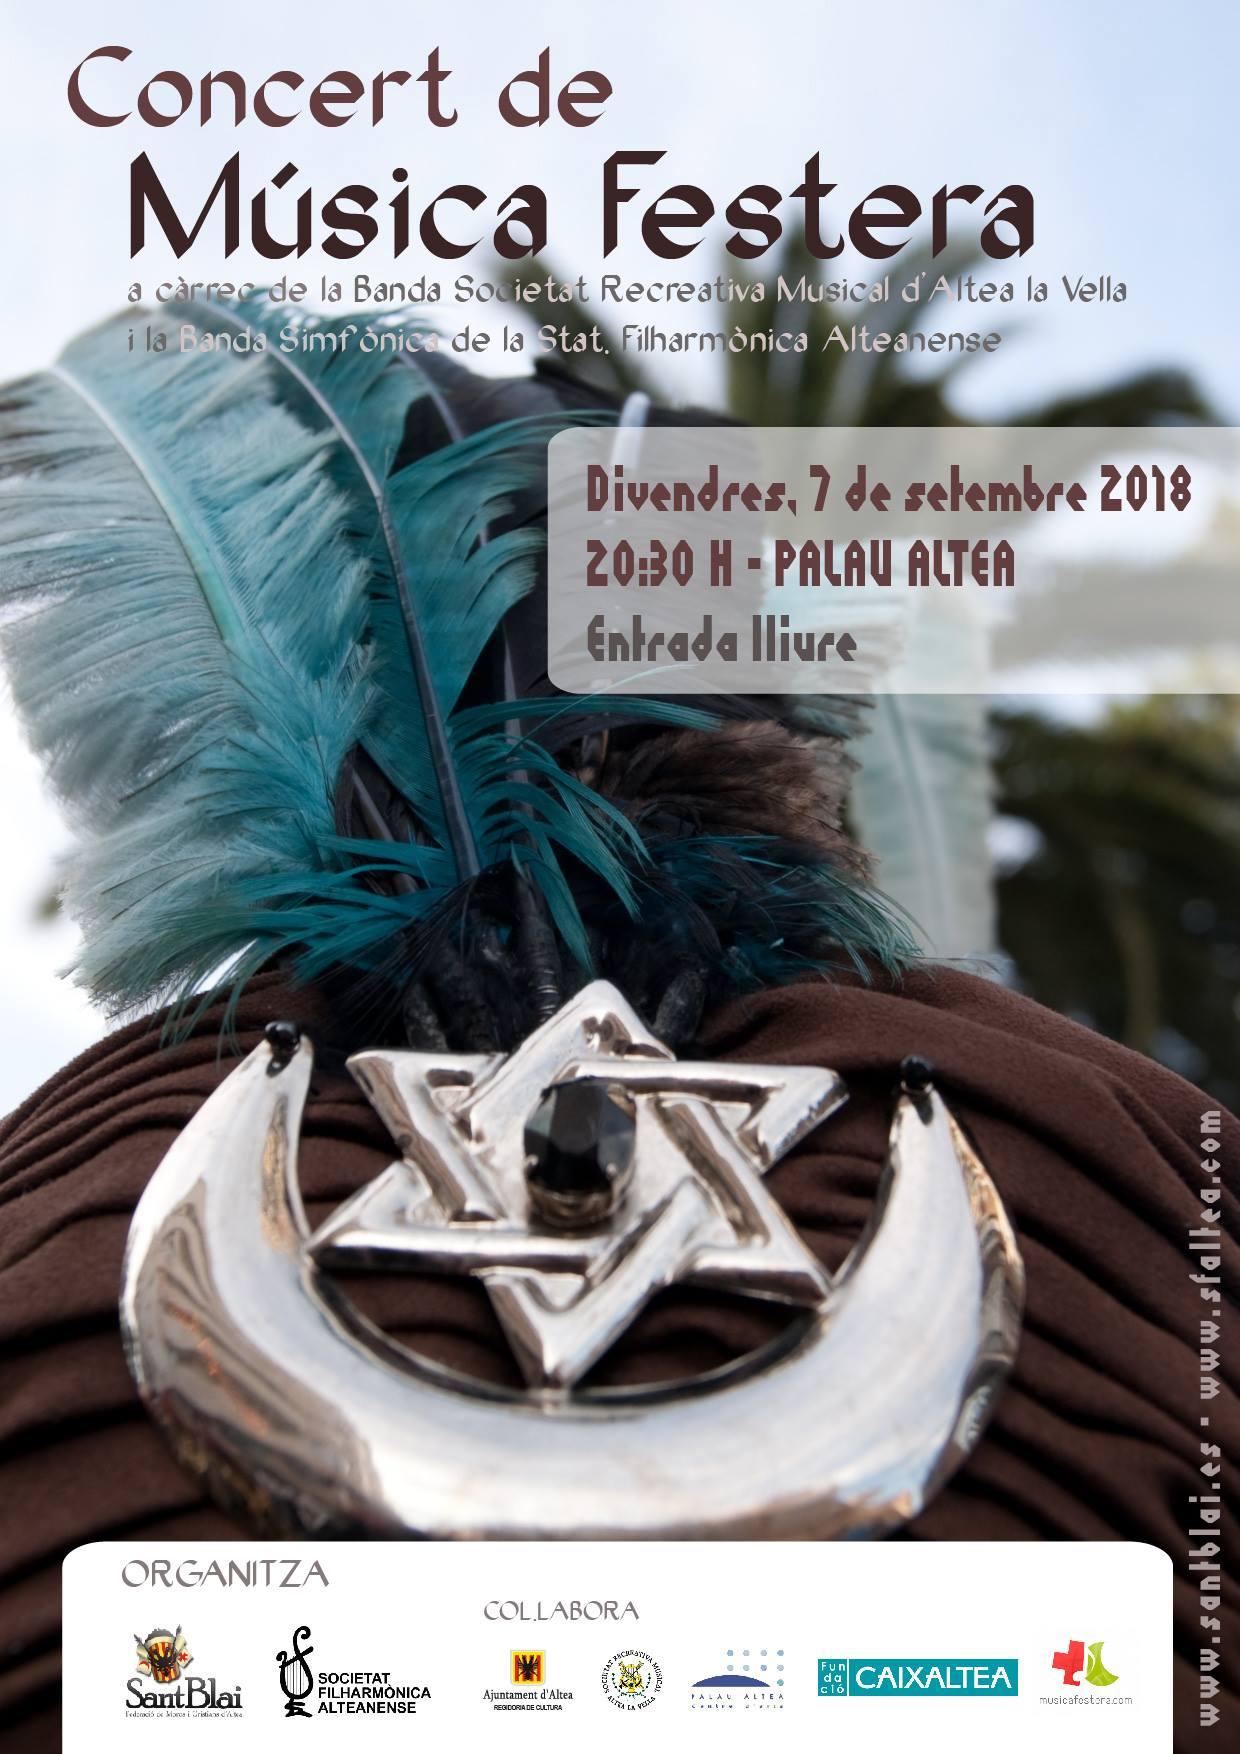 Concierto de Música Festera, viernes 7 de septiembre a las 20:30h en el Palau de Altea, entrada libre